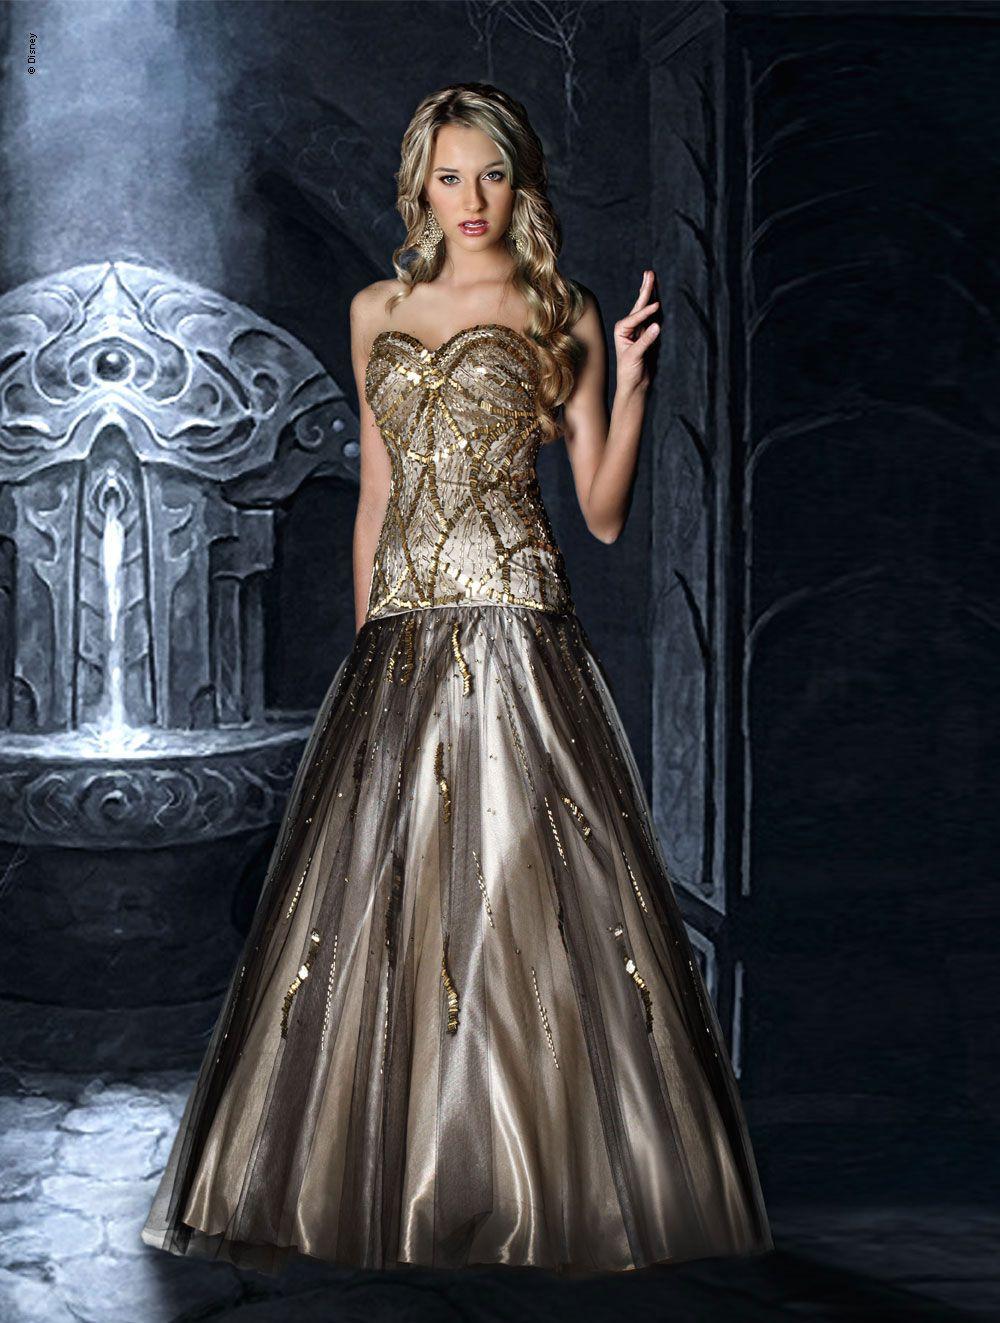 Prom Dresses Sioux Falls Sd - Ocodea.com